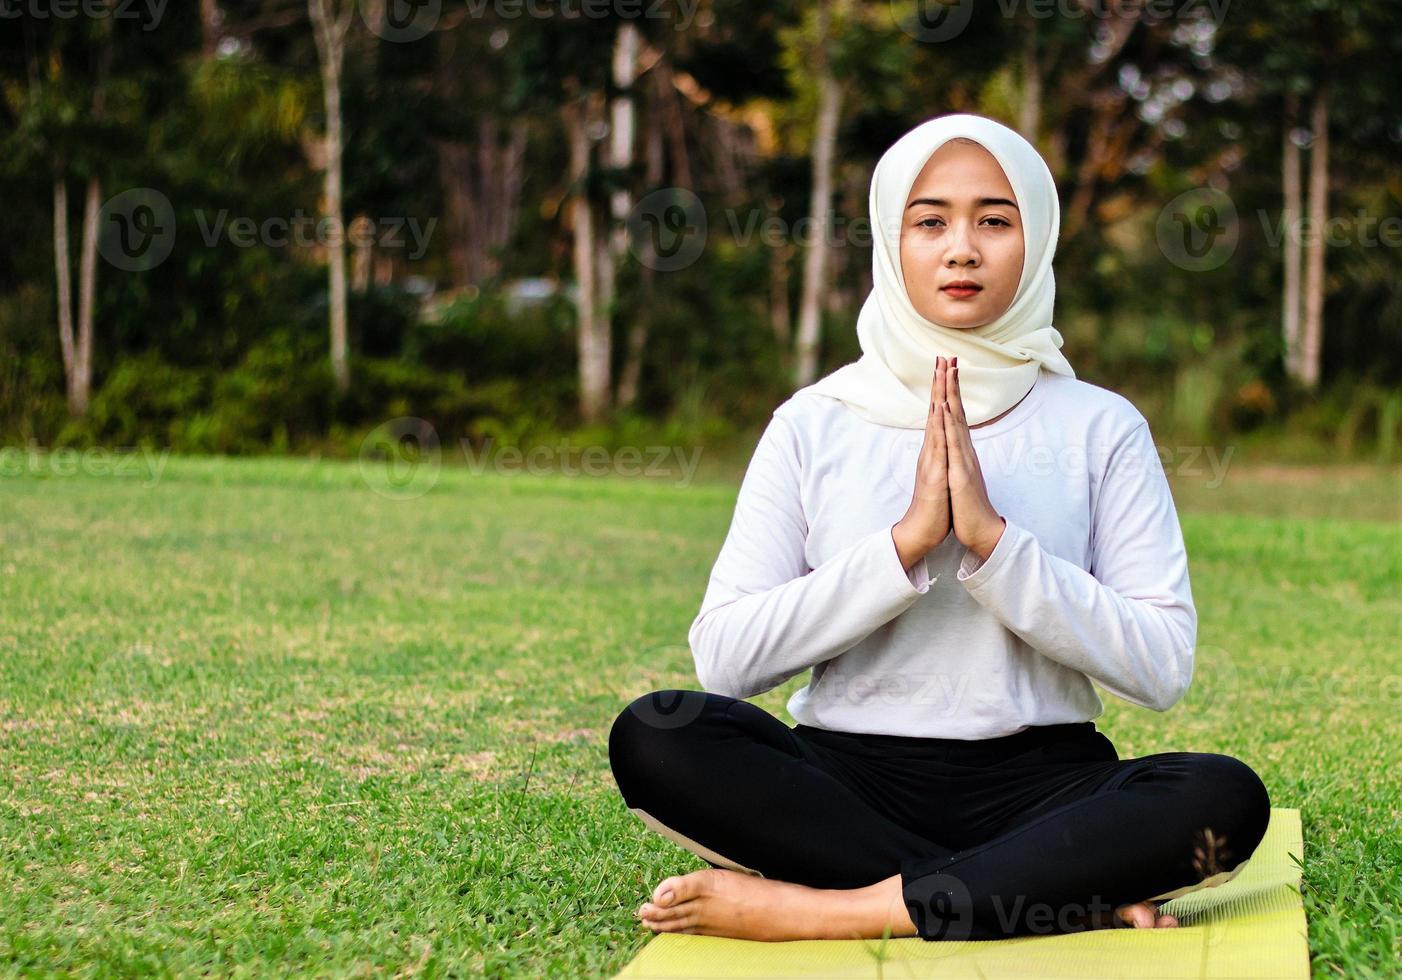 jeune femme musulmane asiatique assise sur l'herbe, profitant de la méditation photo